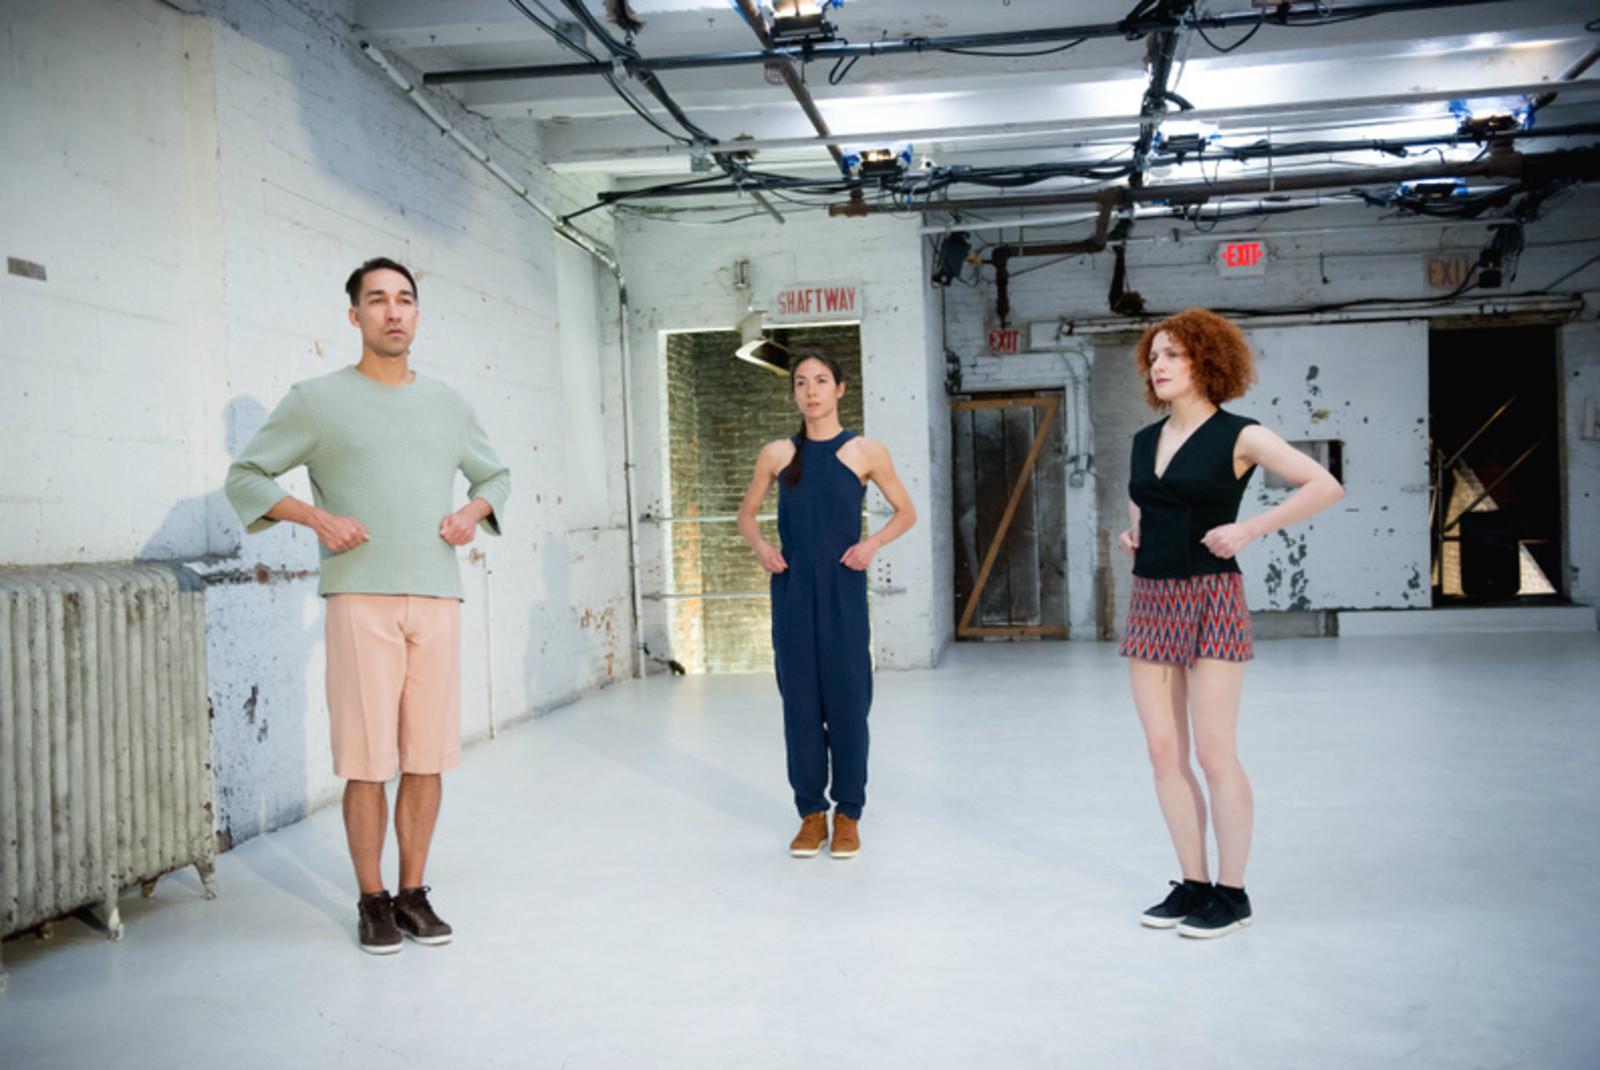 ++ Workshop danse avec Liz Santoro (Cie Le principe d'incertitude/Etats-Unis) - Ecole de Théâtre Physique